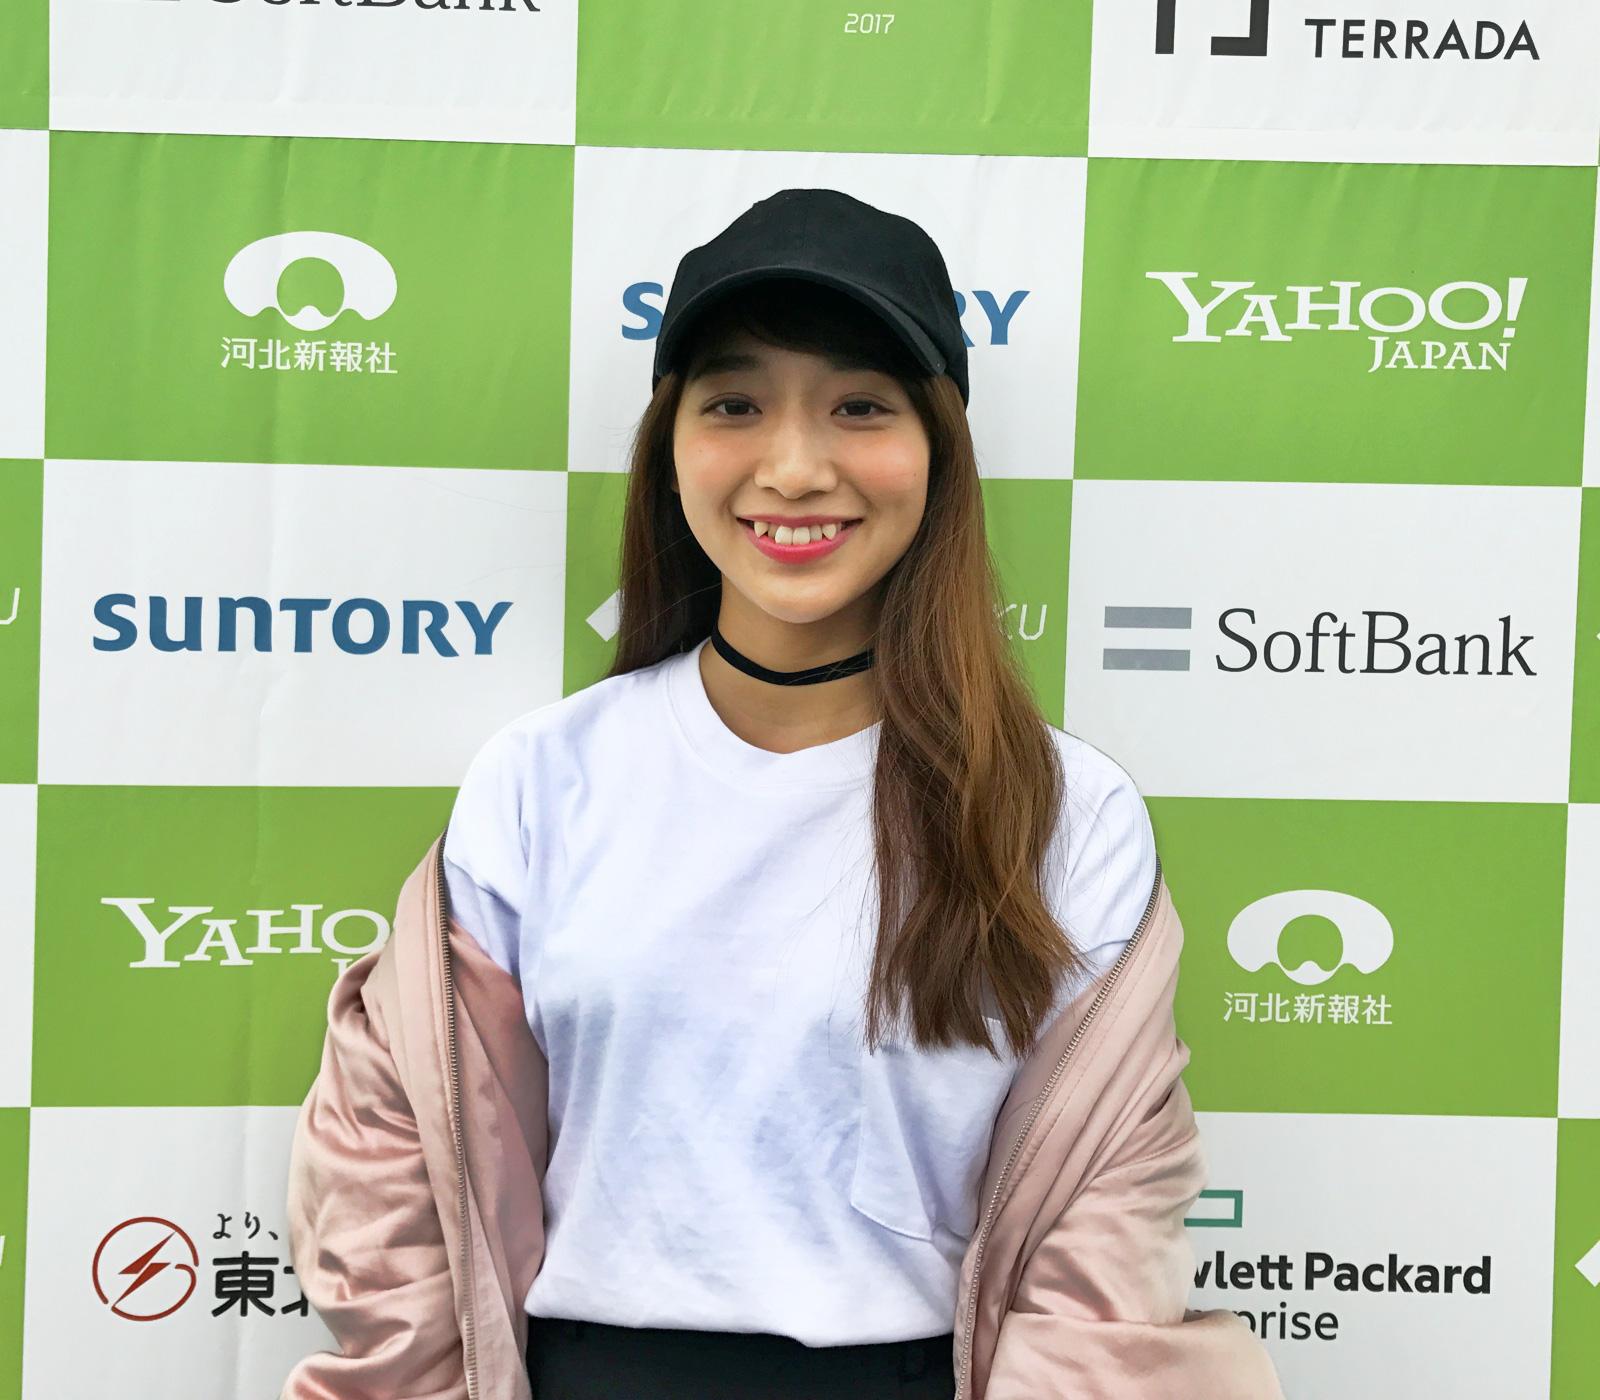 尾形 穂菜美さんの写真